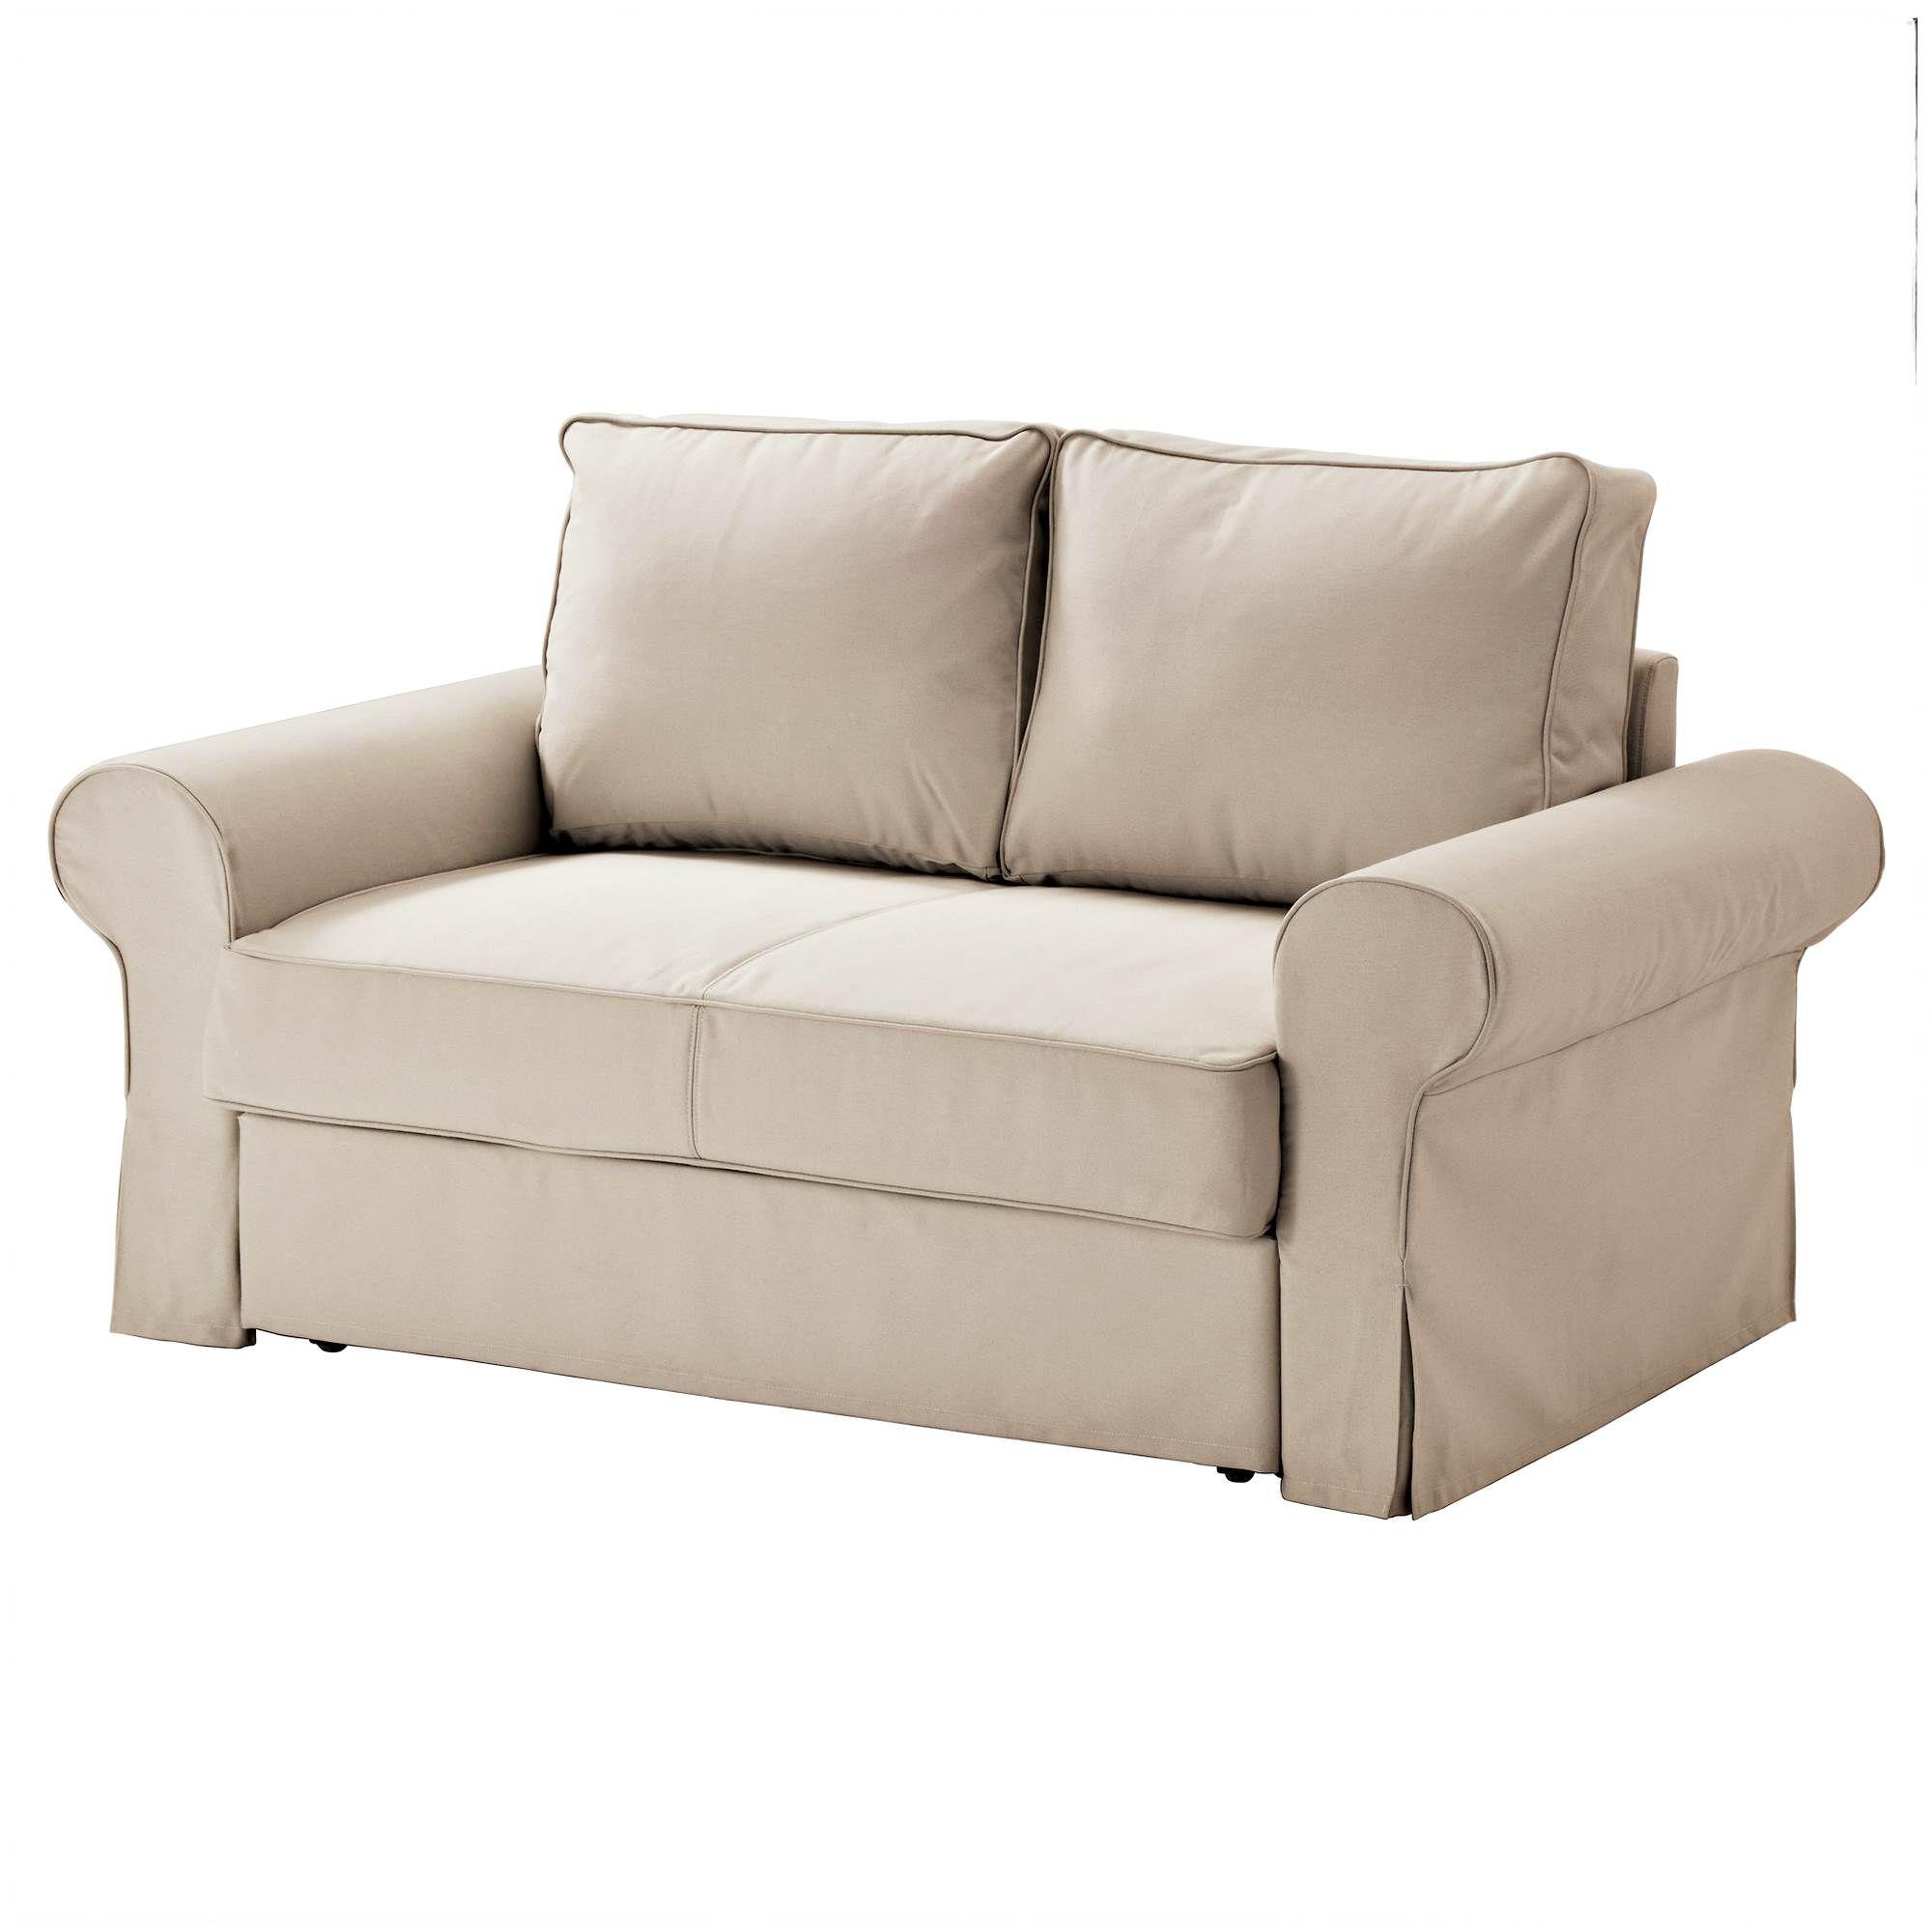 Full Size of Hffner Big Sofa Elegant Stressless Ikea Mit Schlaffunktion Leder 3 Sitzer Relaxfunktion Sitzsack Led Petrol Esstisch Ohne Lehne Schilling Alternatives Samt Sofa Höffner Big Sofa